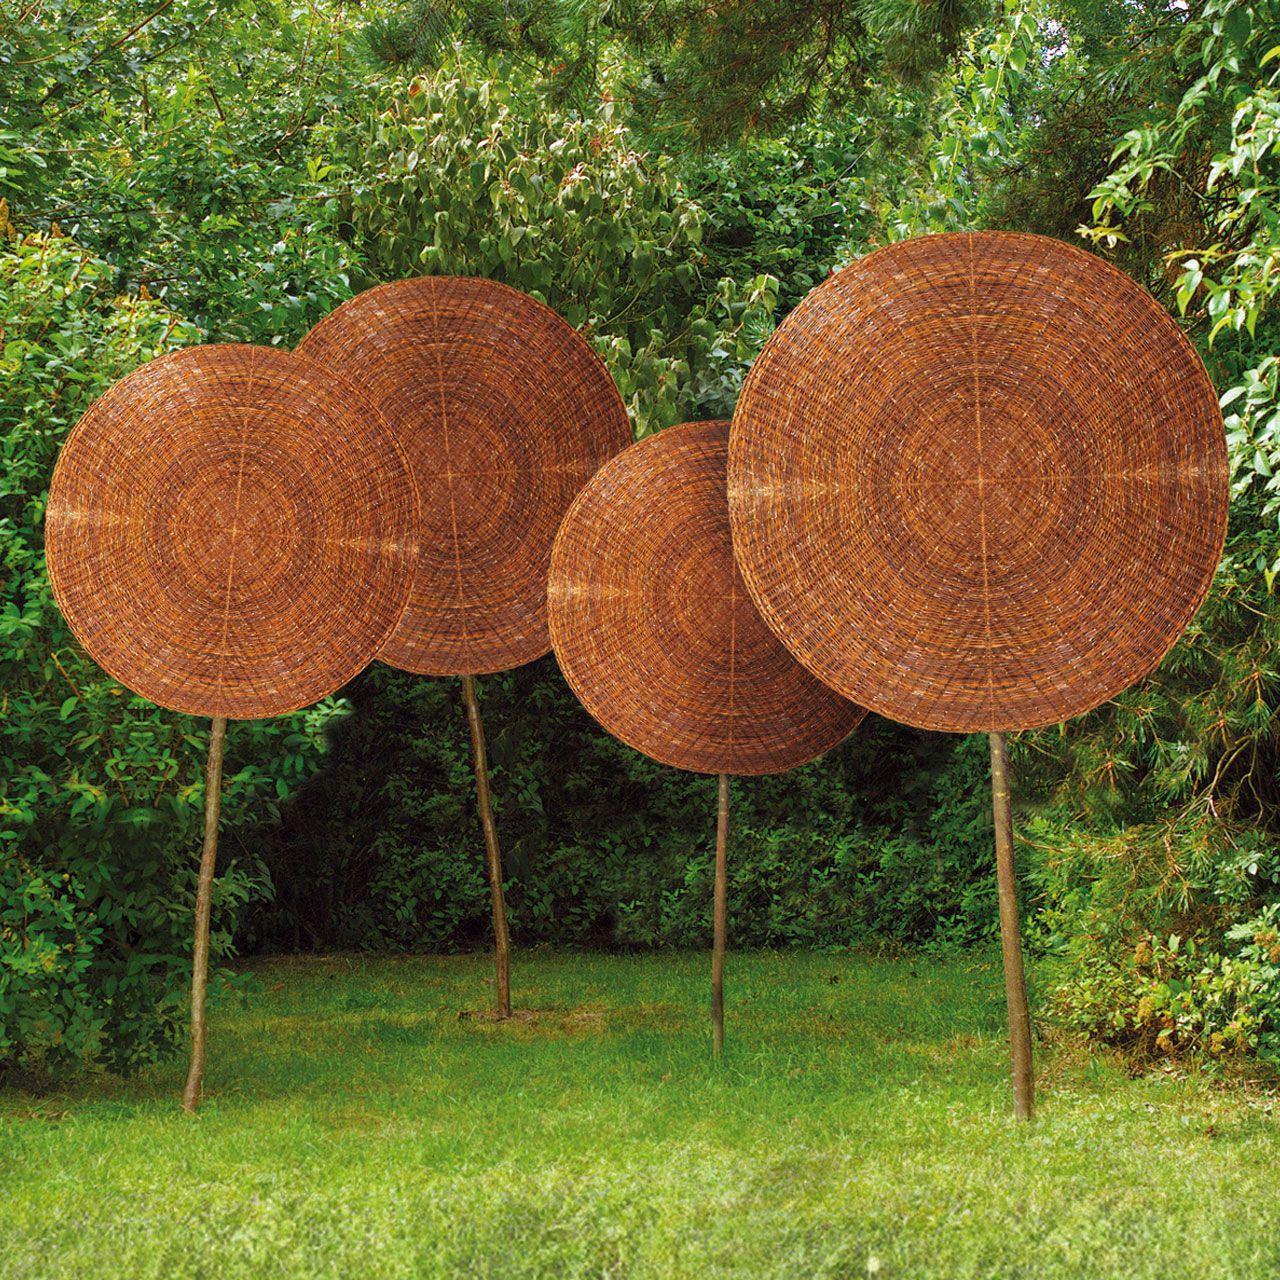 SichtschutzWeidenbaum Laubbaum, natur Laubbaum